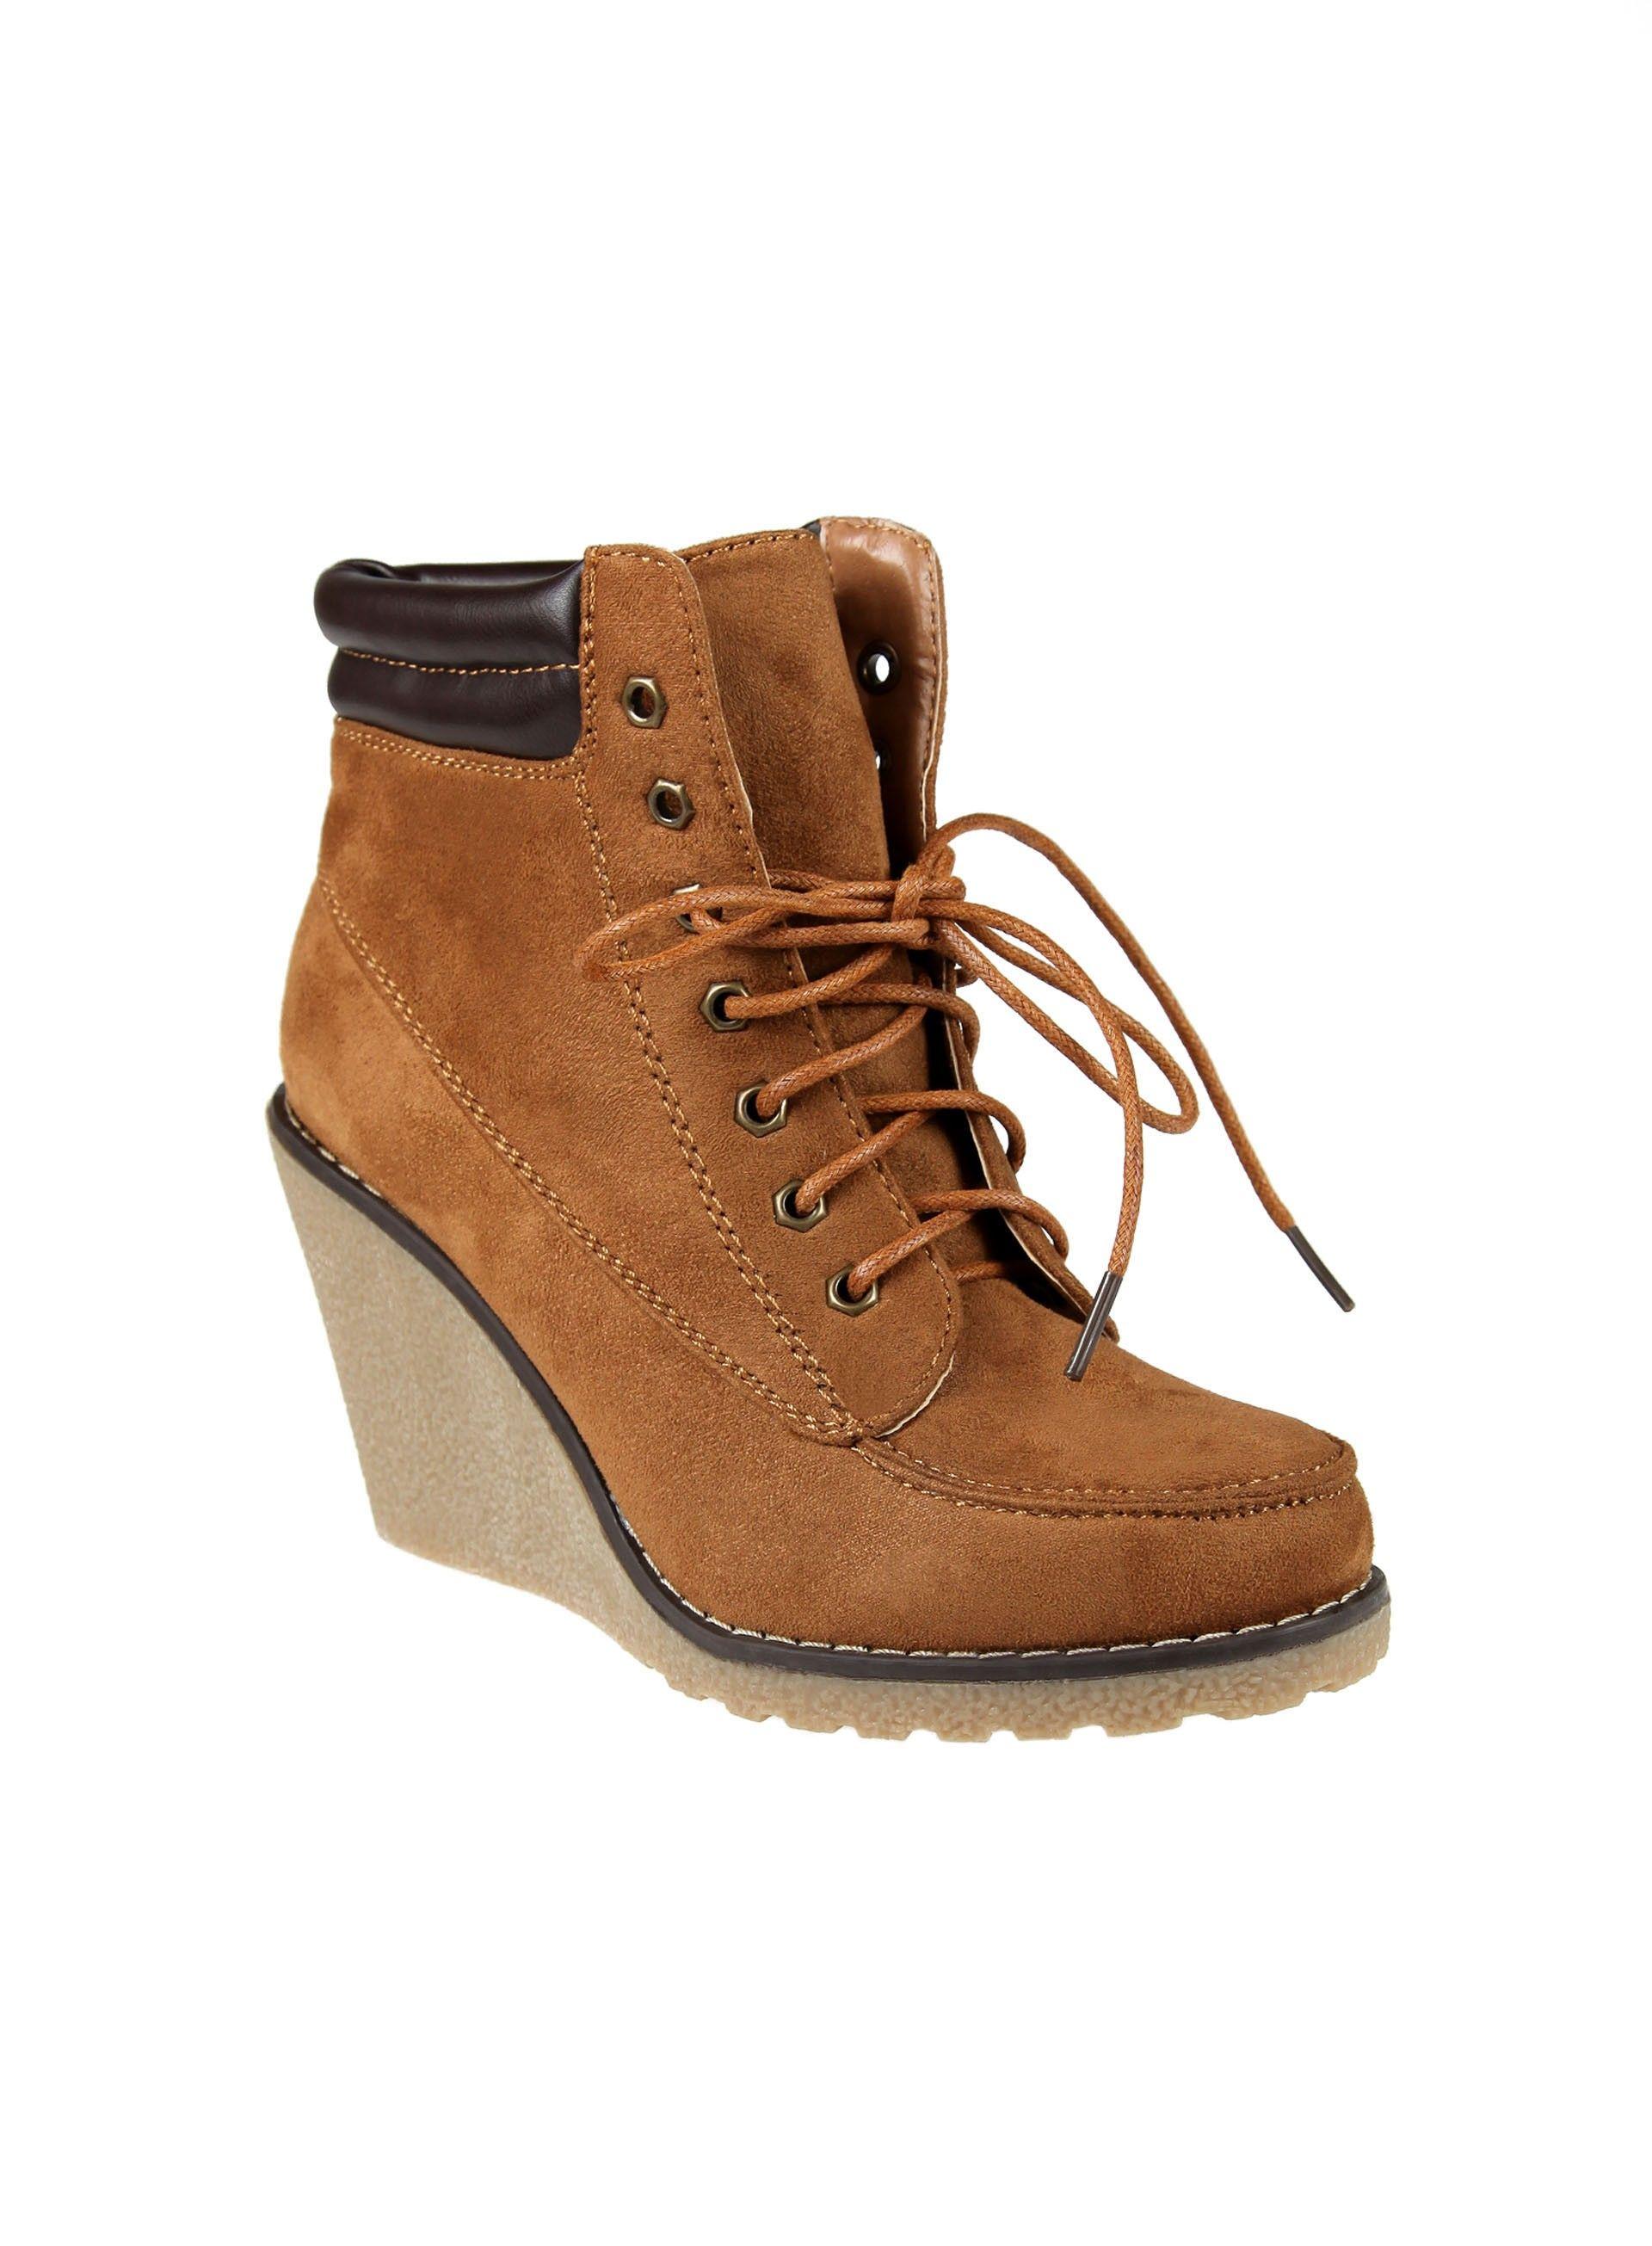 e314514977f0d Chaussures pas cher femme. Bottines compensées à lacets et matelassé à la  cheville - FOLLIMI